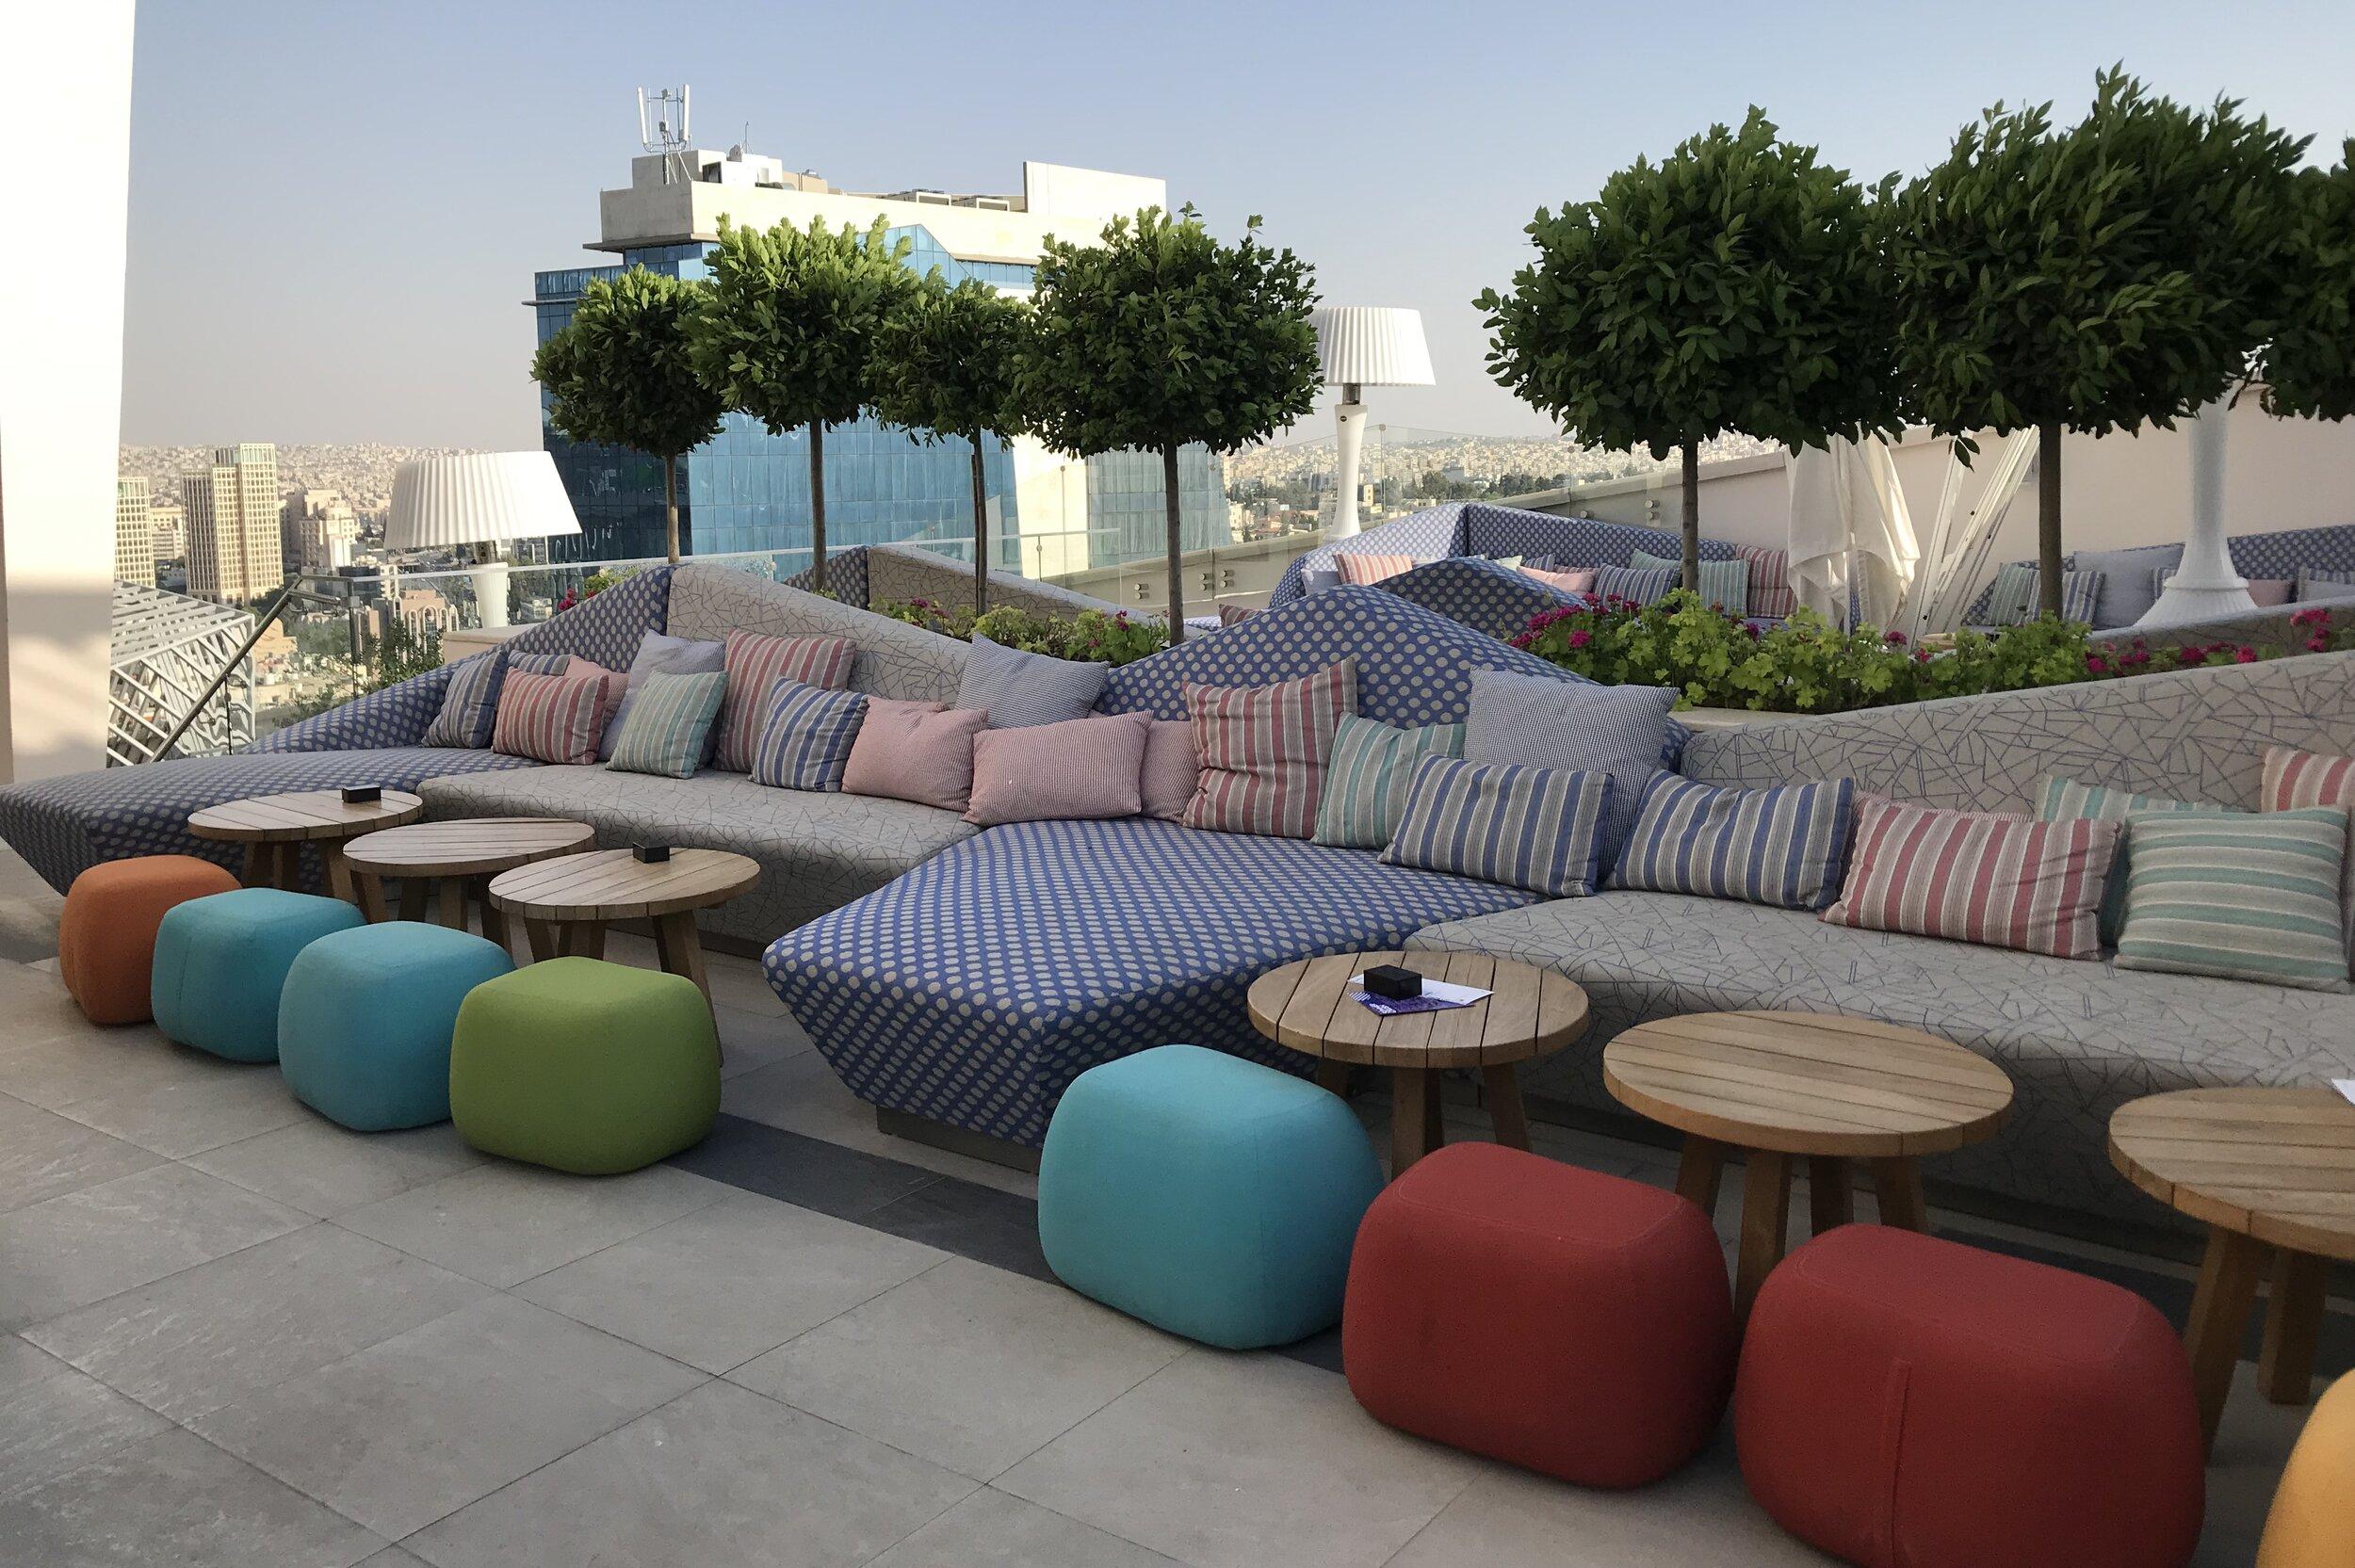 W Amman – Outdoor patio